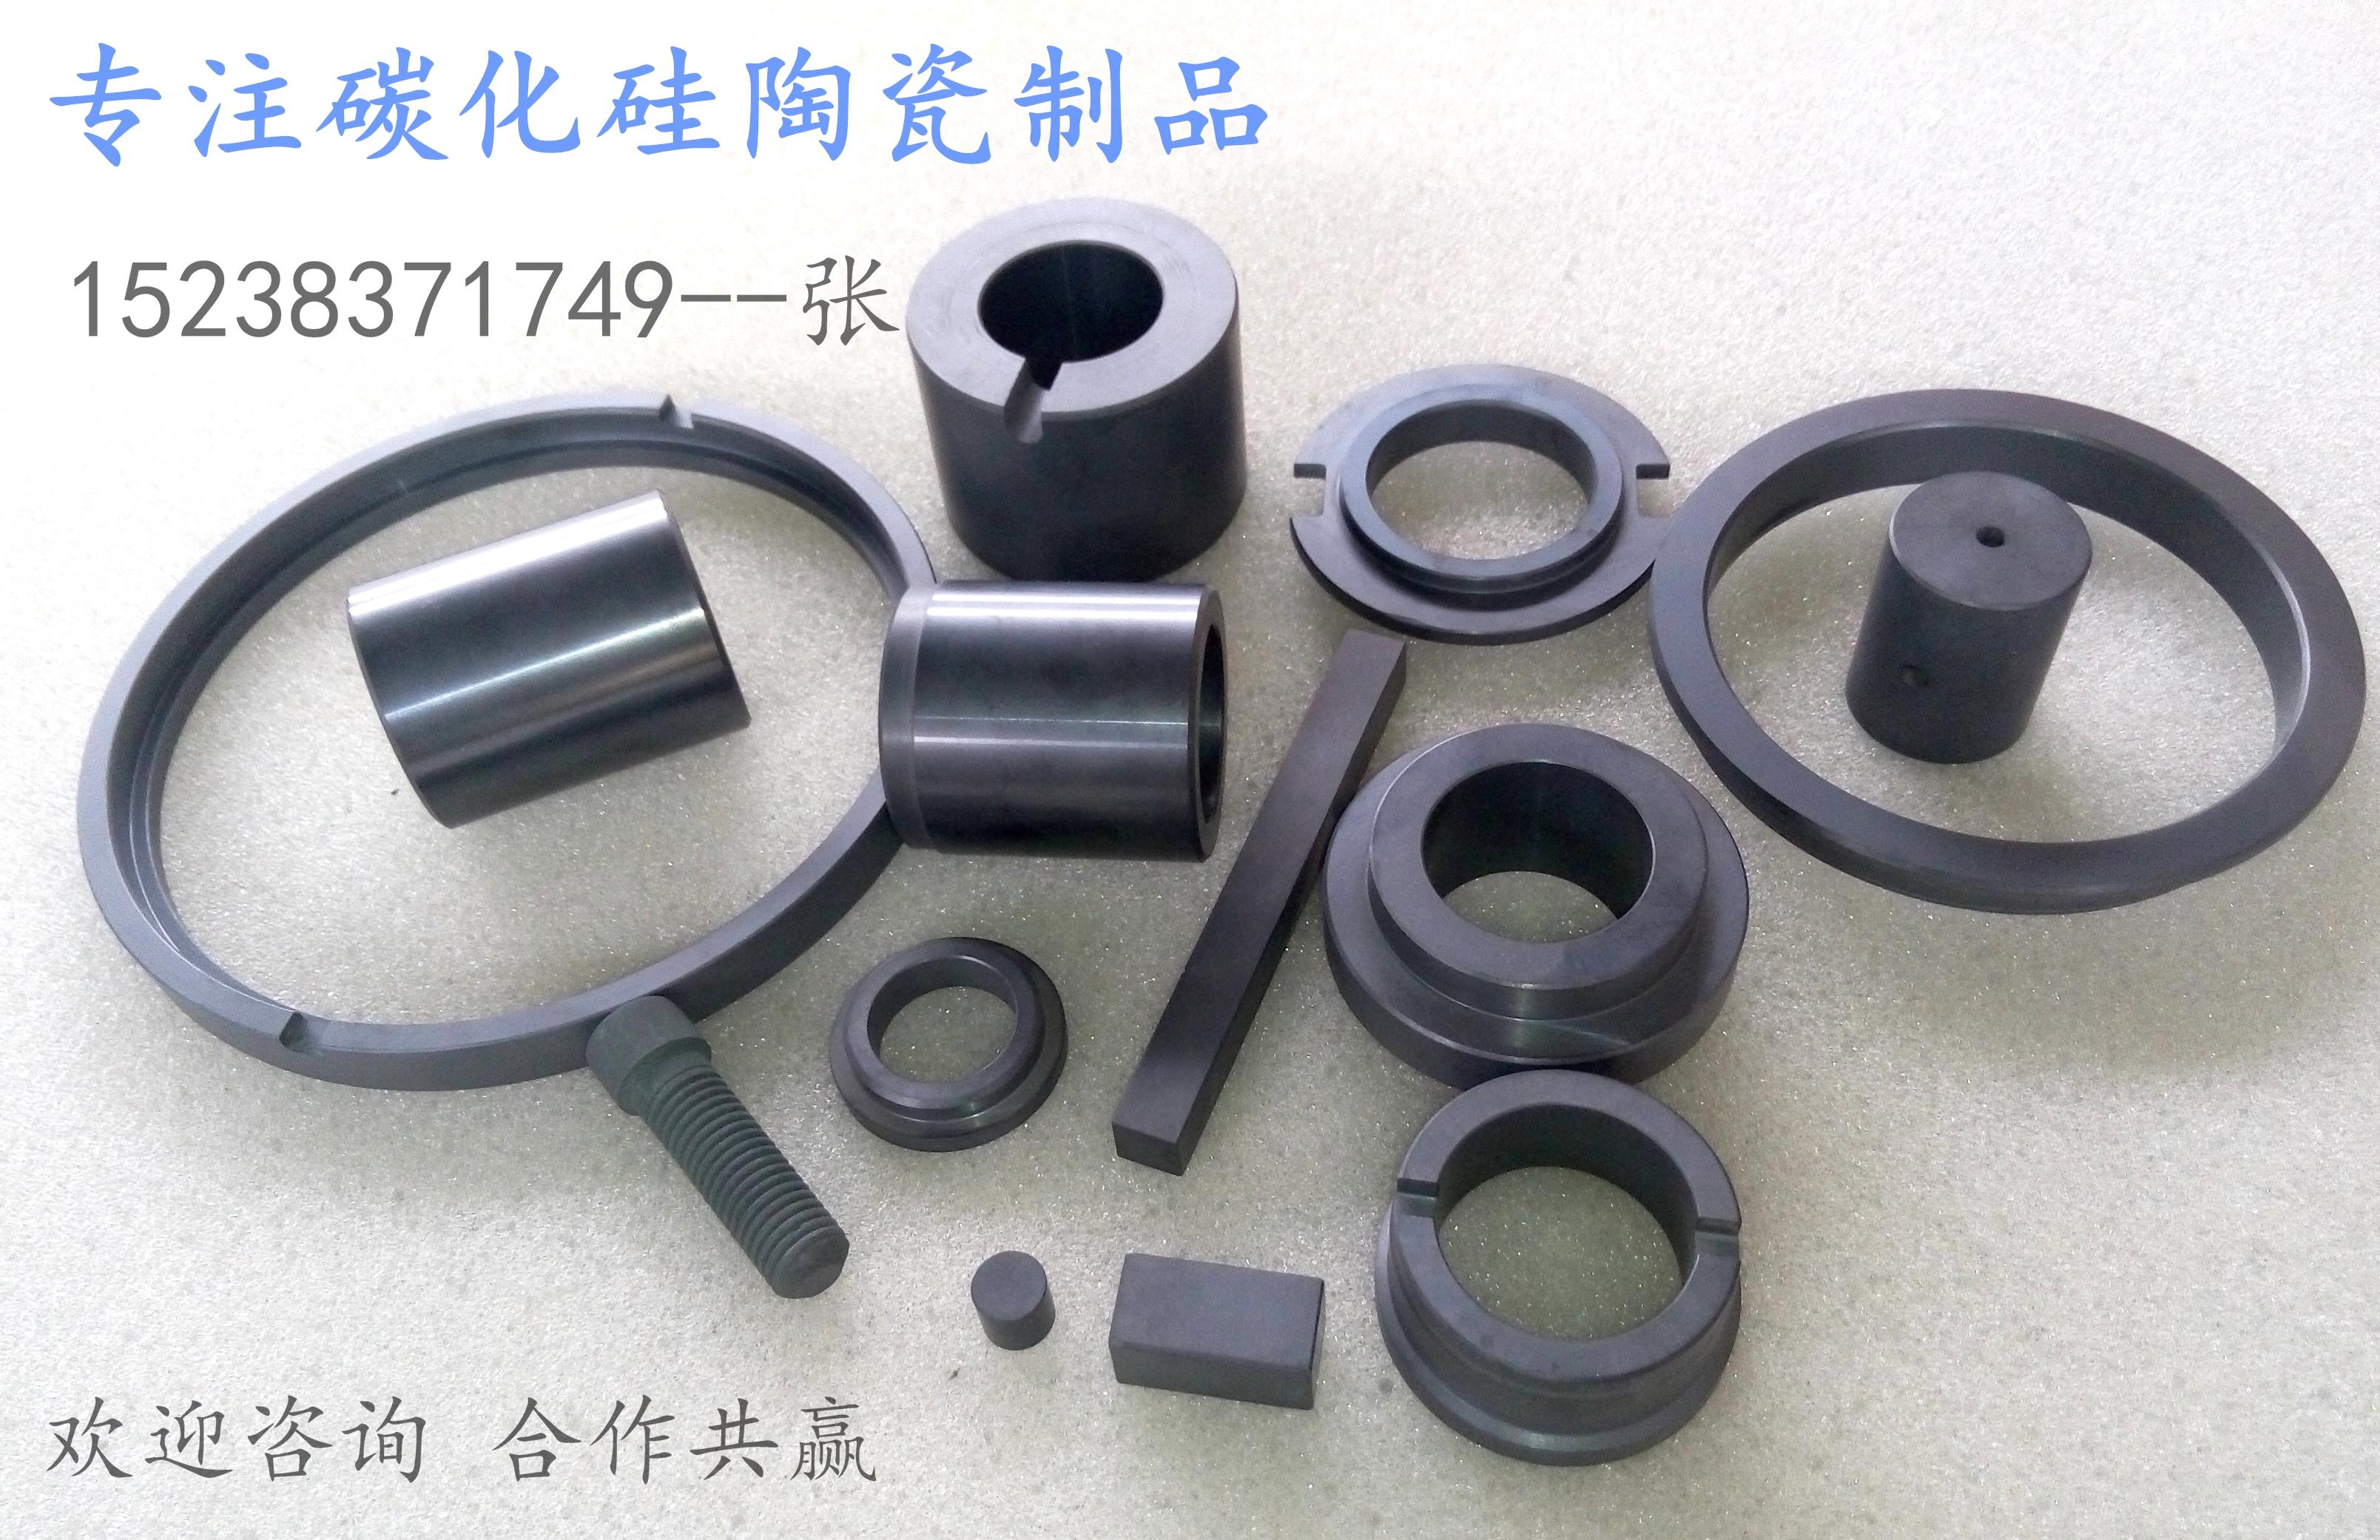 供应用于的浙江耐磨材料厂家,北京碳化硅陶瓷厂家,上海碳化硅陶瓷厂家,